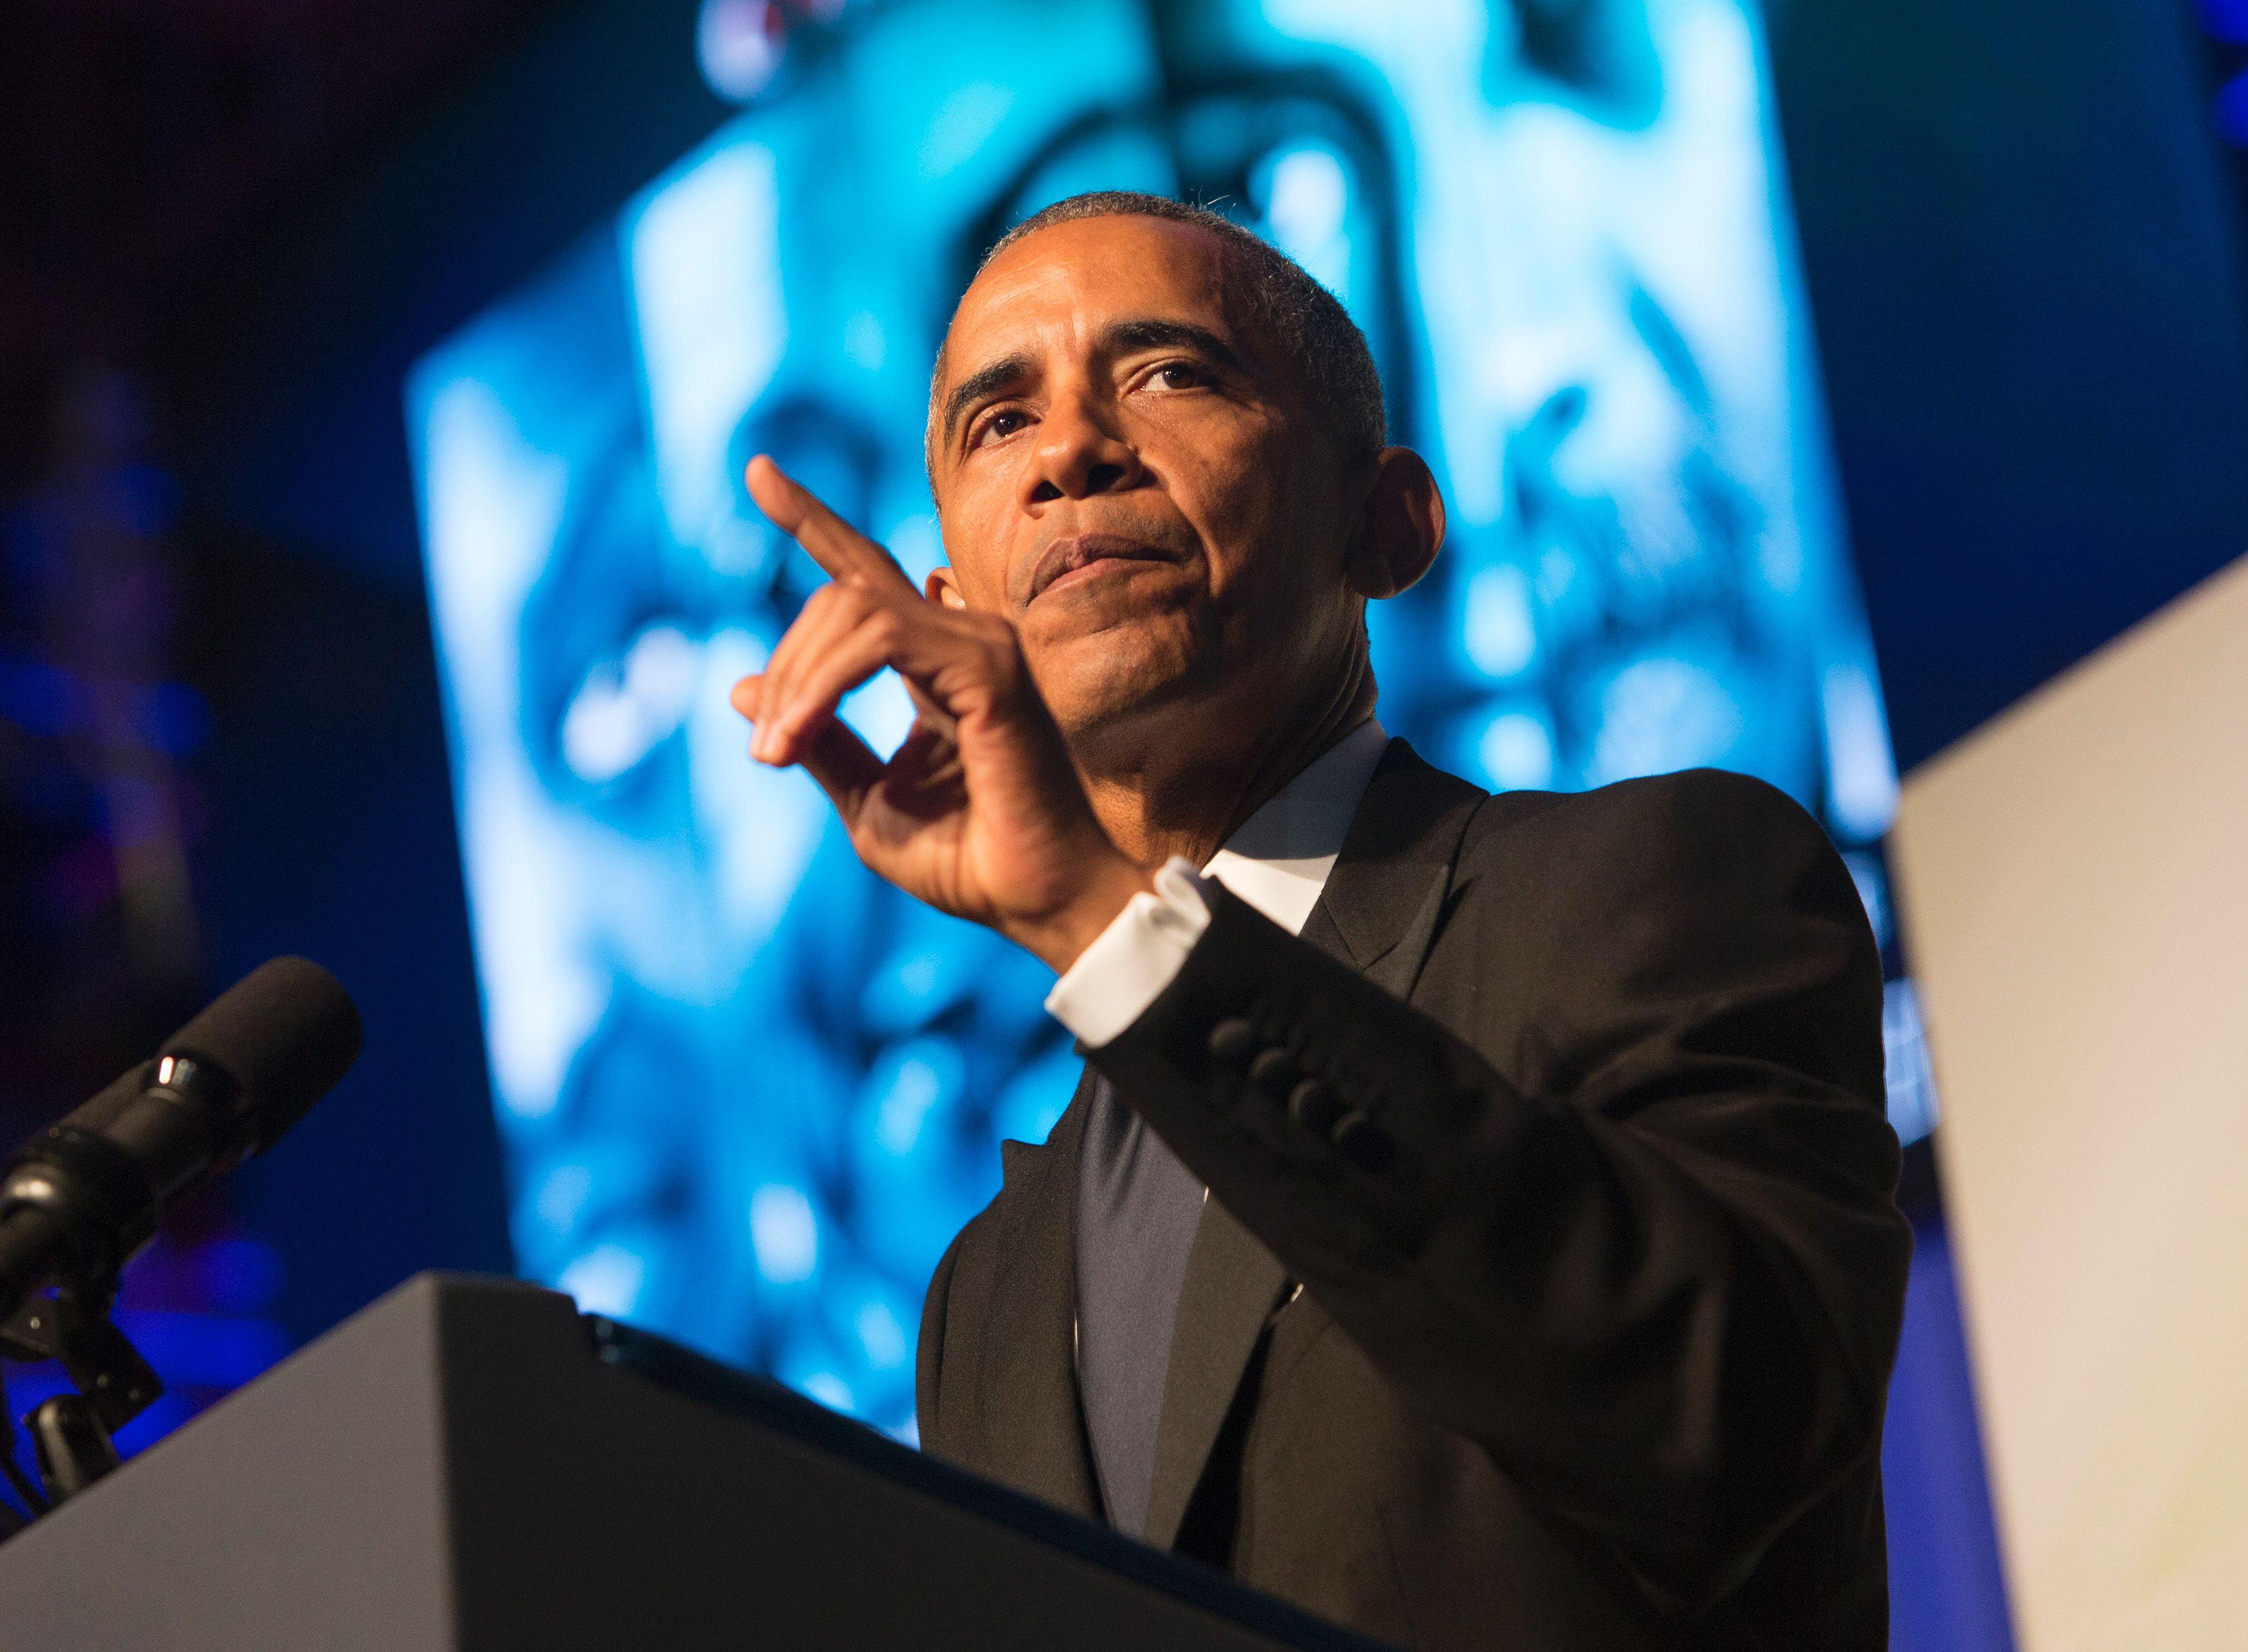 Quién empezó el rumor de que Obama no nació en Estados Unidos ...